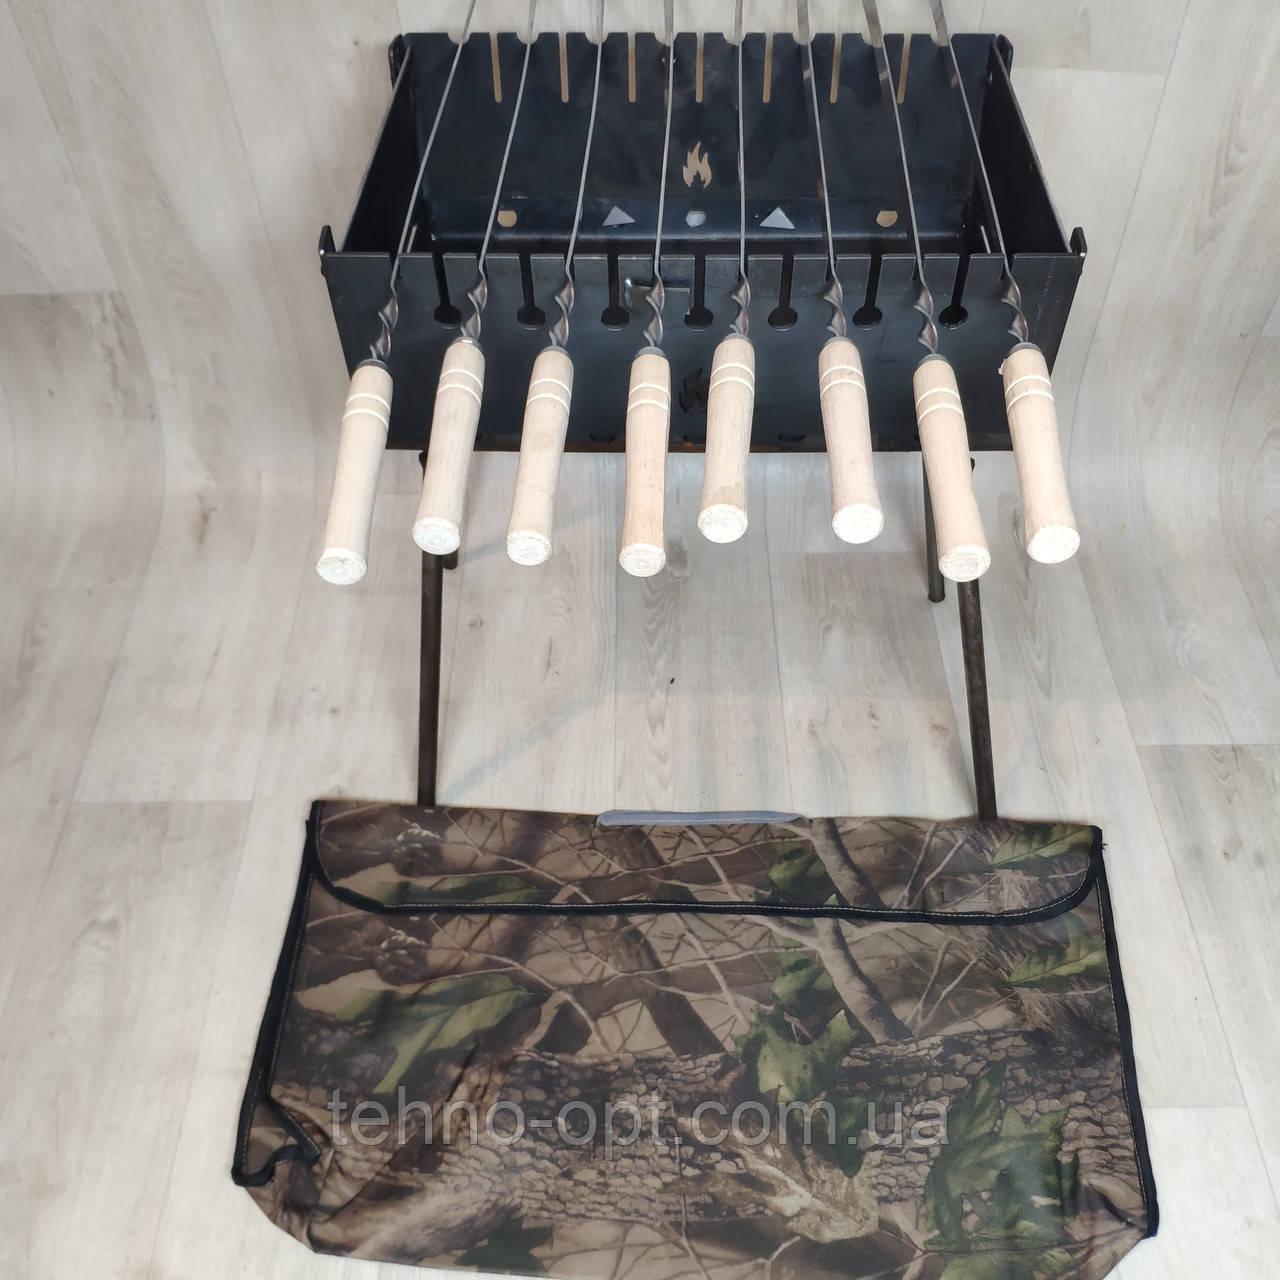 Мангал 3 мм Огонёк раскладной в чемодан  чехлом с шампурами с деревянной ручкой 8 шт ХВЗ